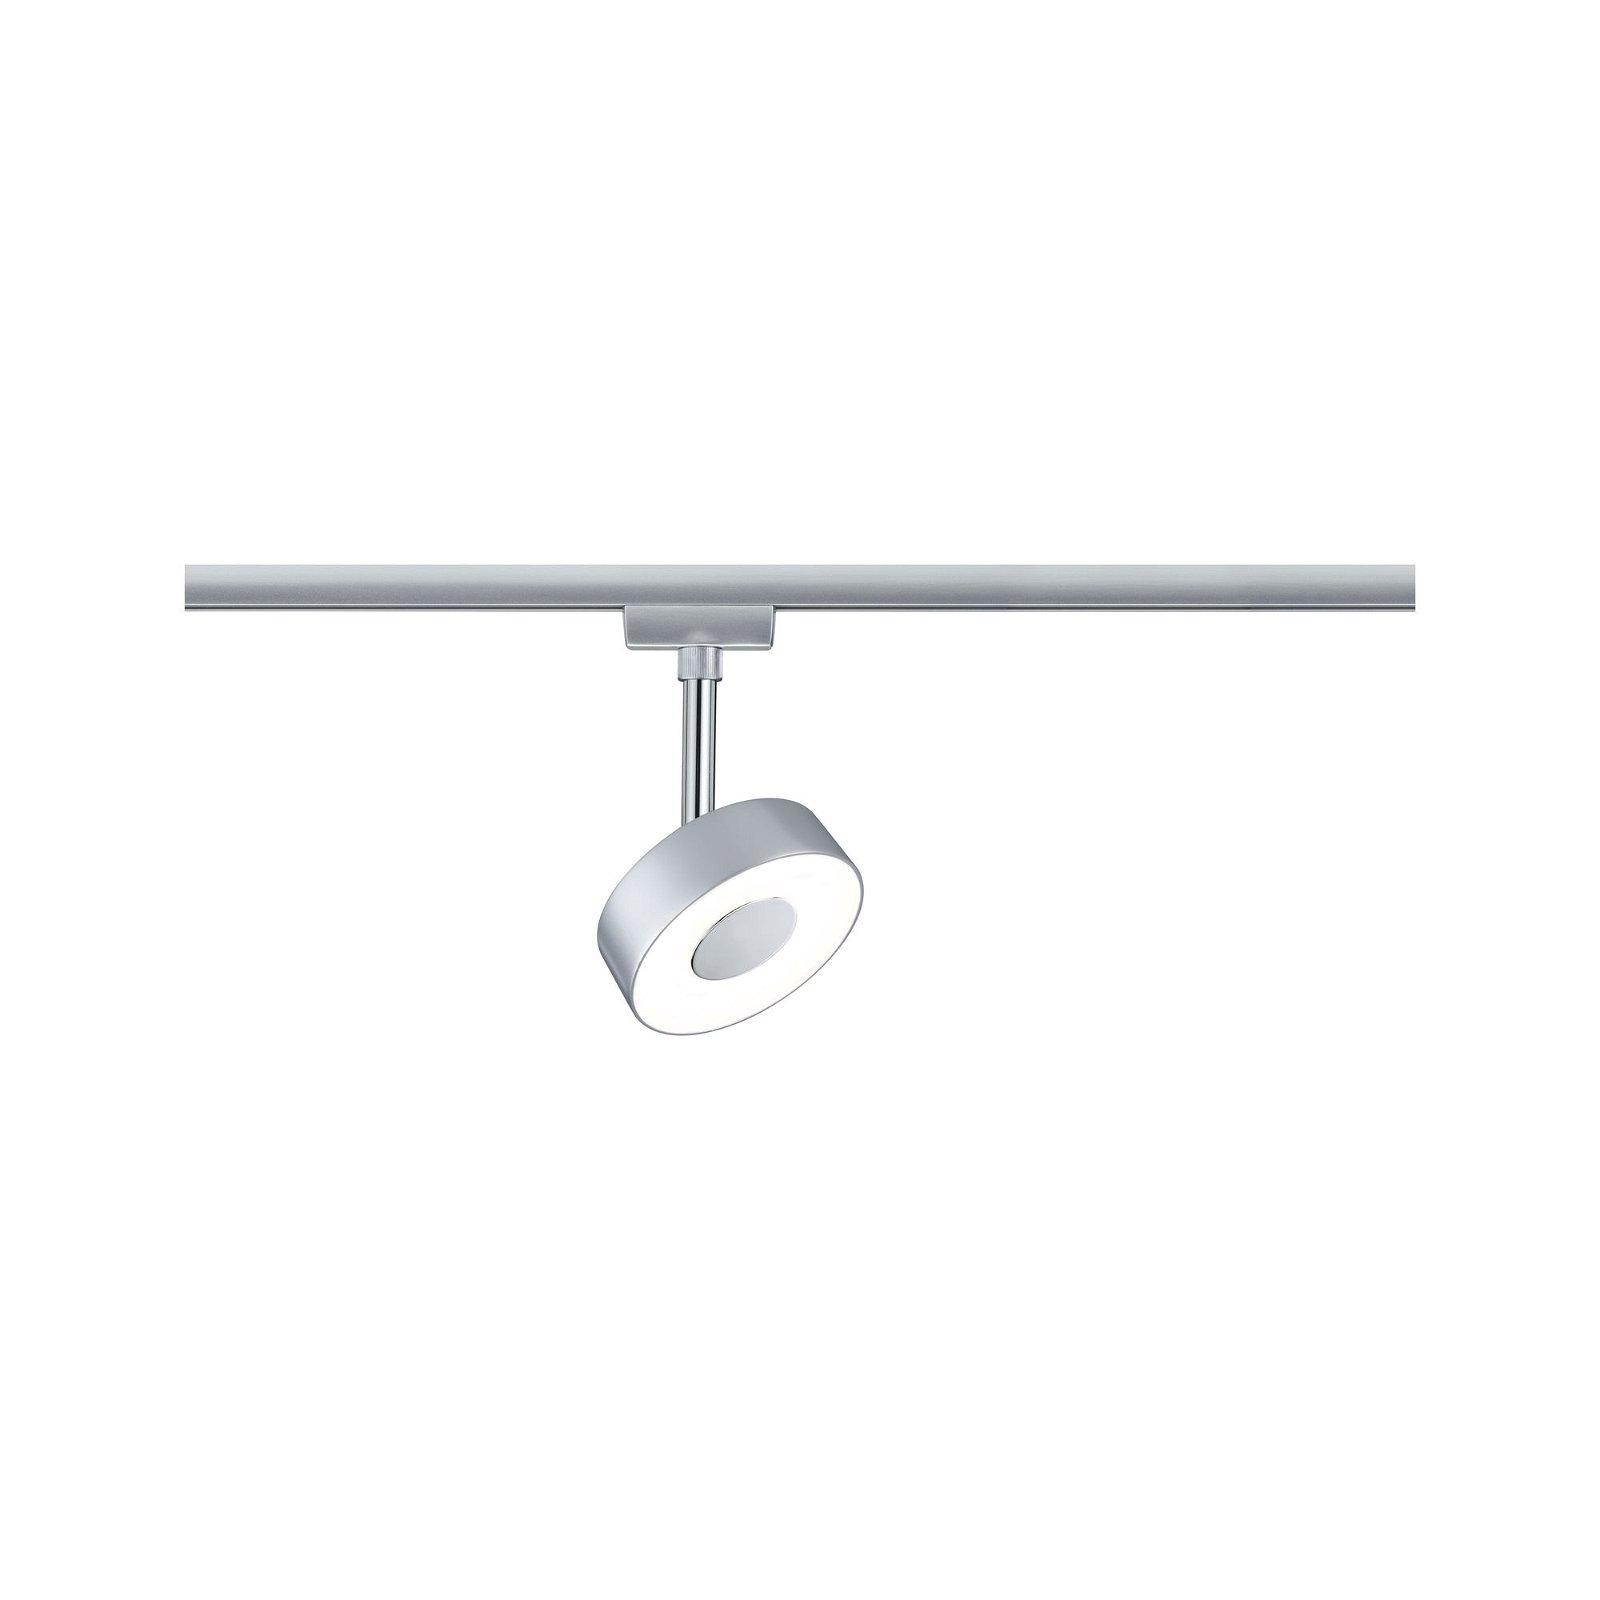 URail LED Rail spot Circle 308lm 5W 2700K 230V Chrome matt